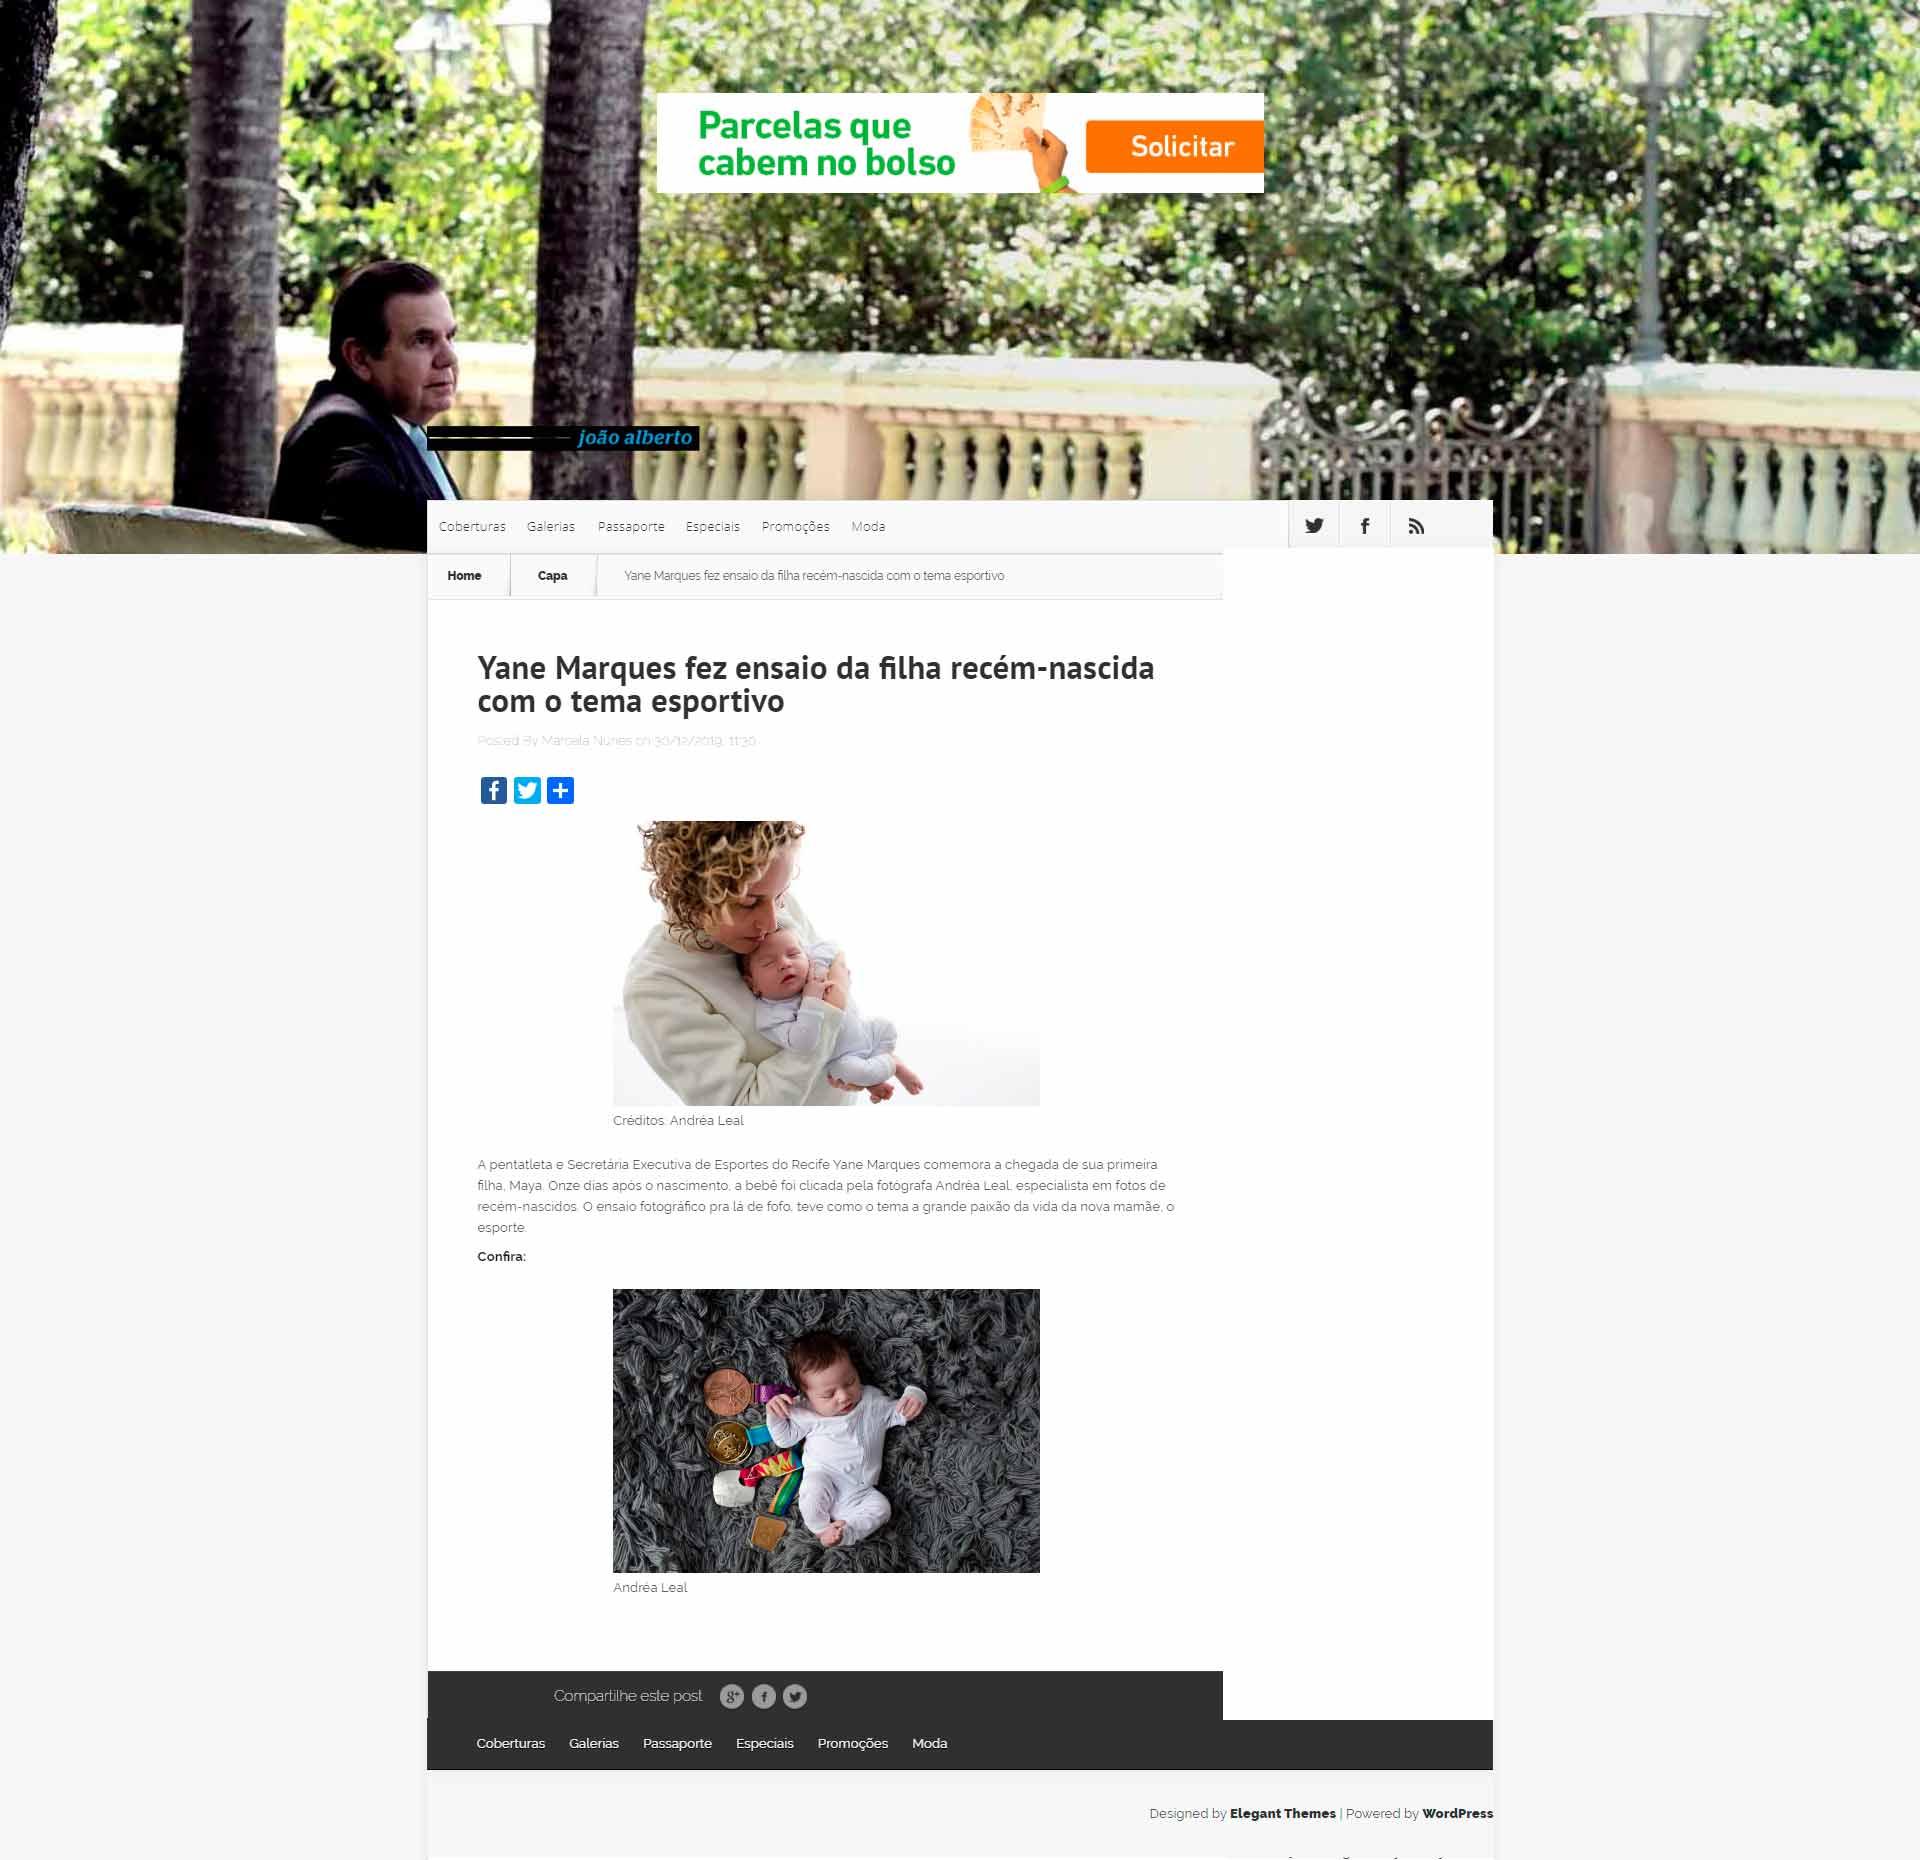 screencapture-joaoalberto-2019-12-30-yane-marques-fez-ensaio-da-filha-recem-nascida-com-o-tema-esportivo-2020-01-24-11_15_45